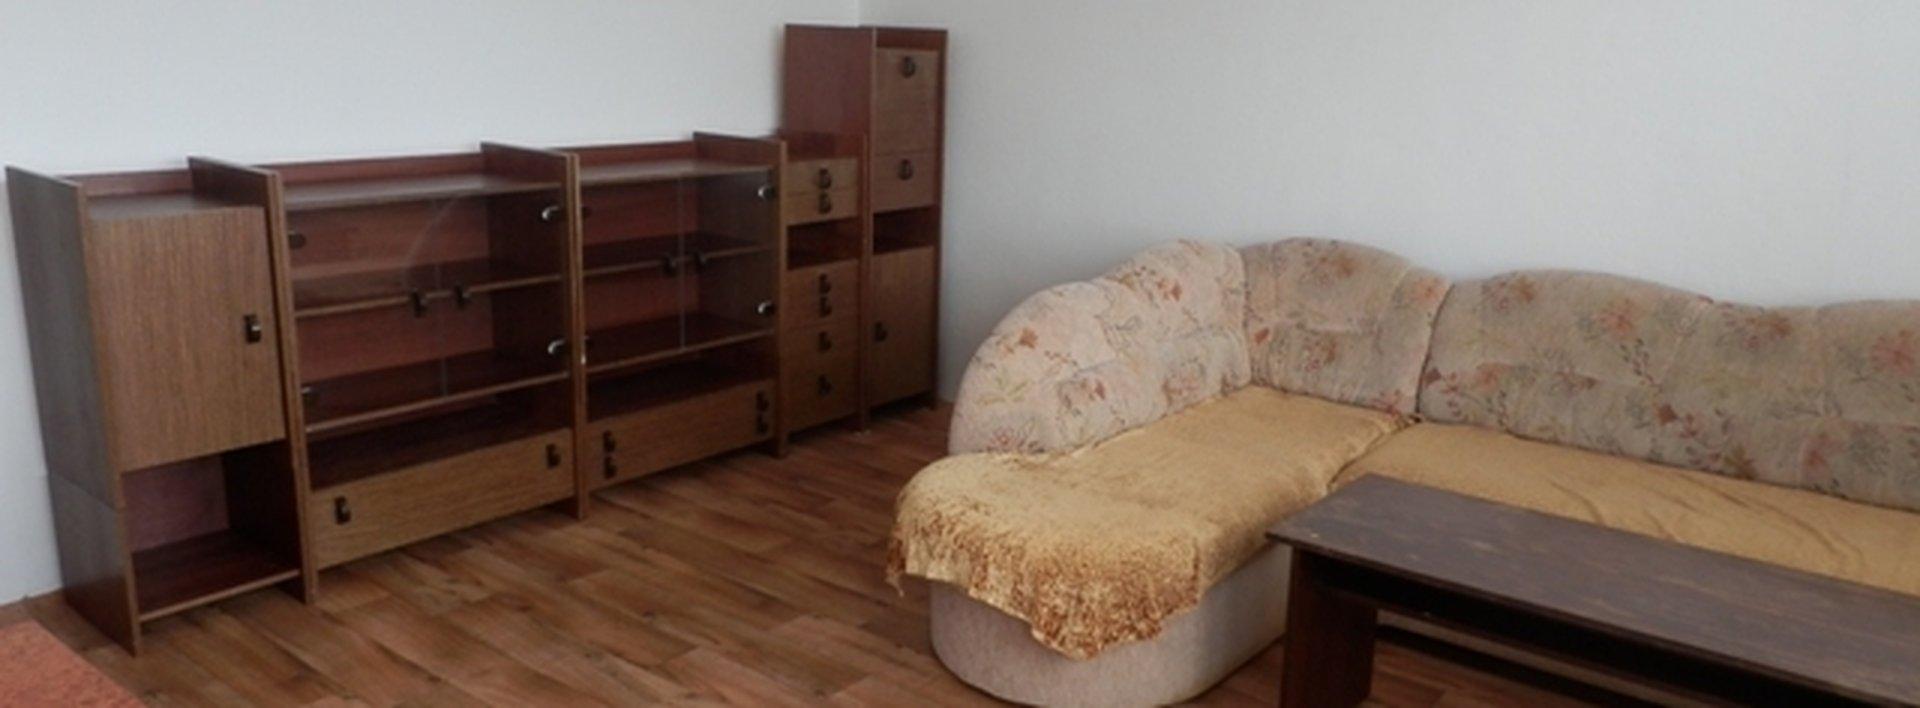 Pronájem bytu 1+kk na výhodném místě Polabin (Pardubice), 27 m², Ev.č.: N47392